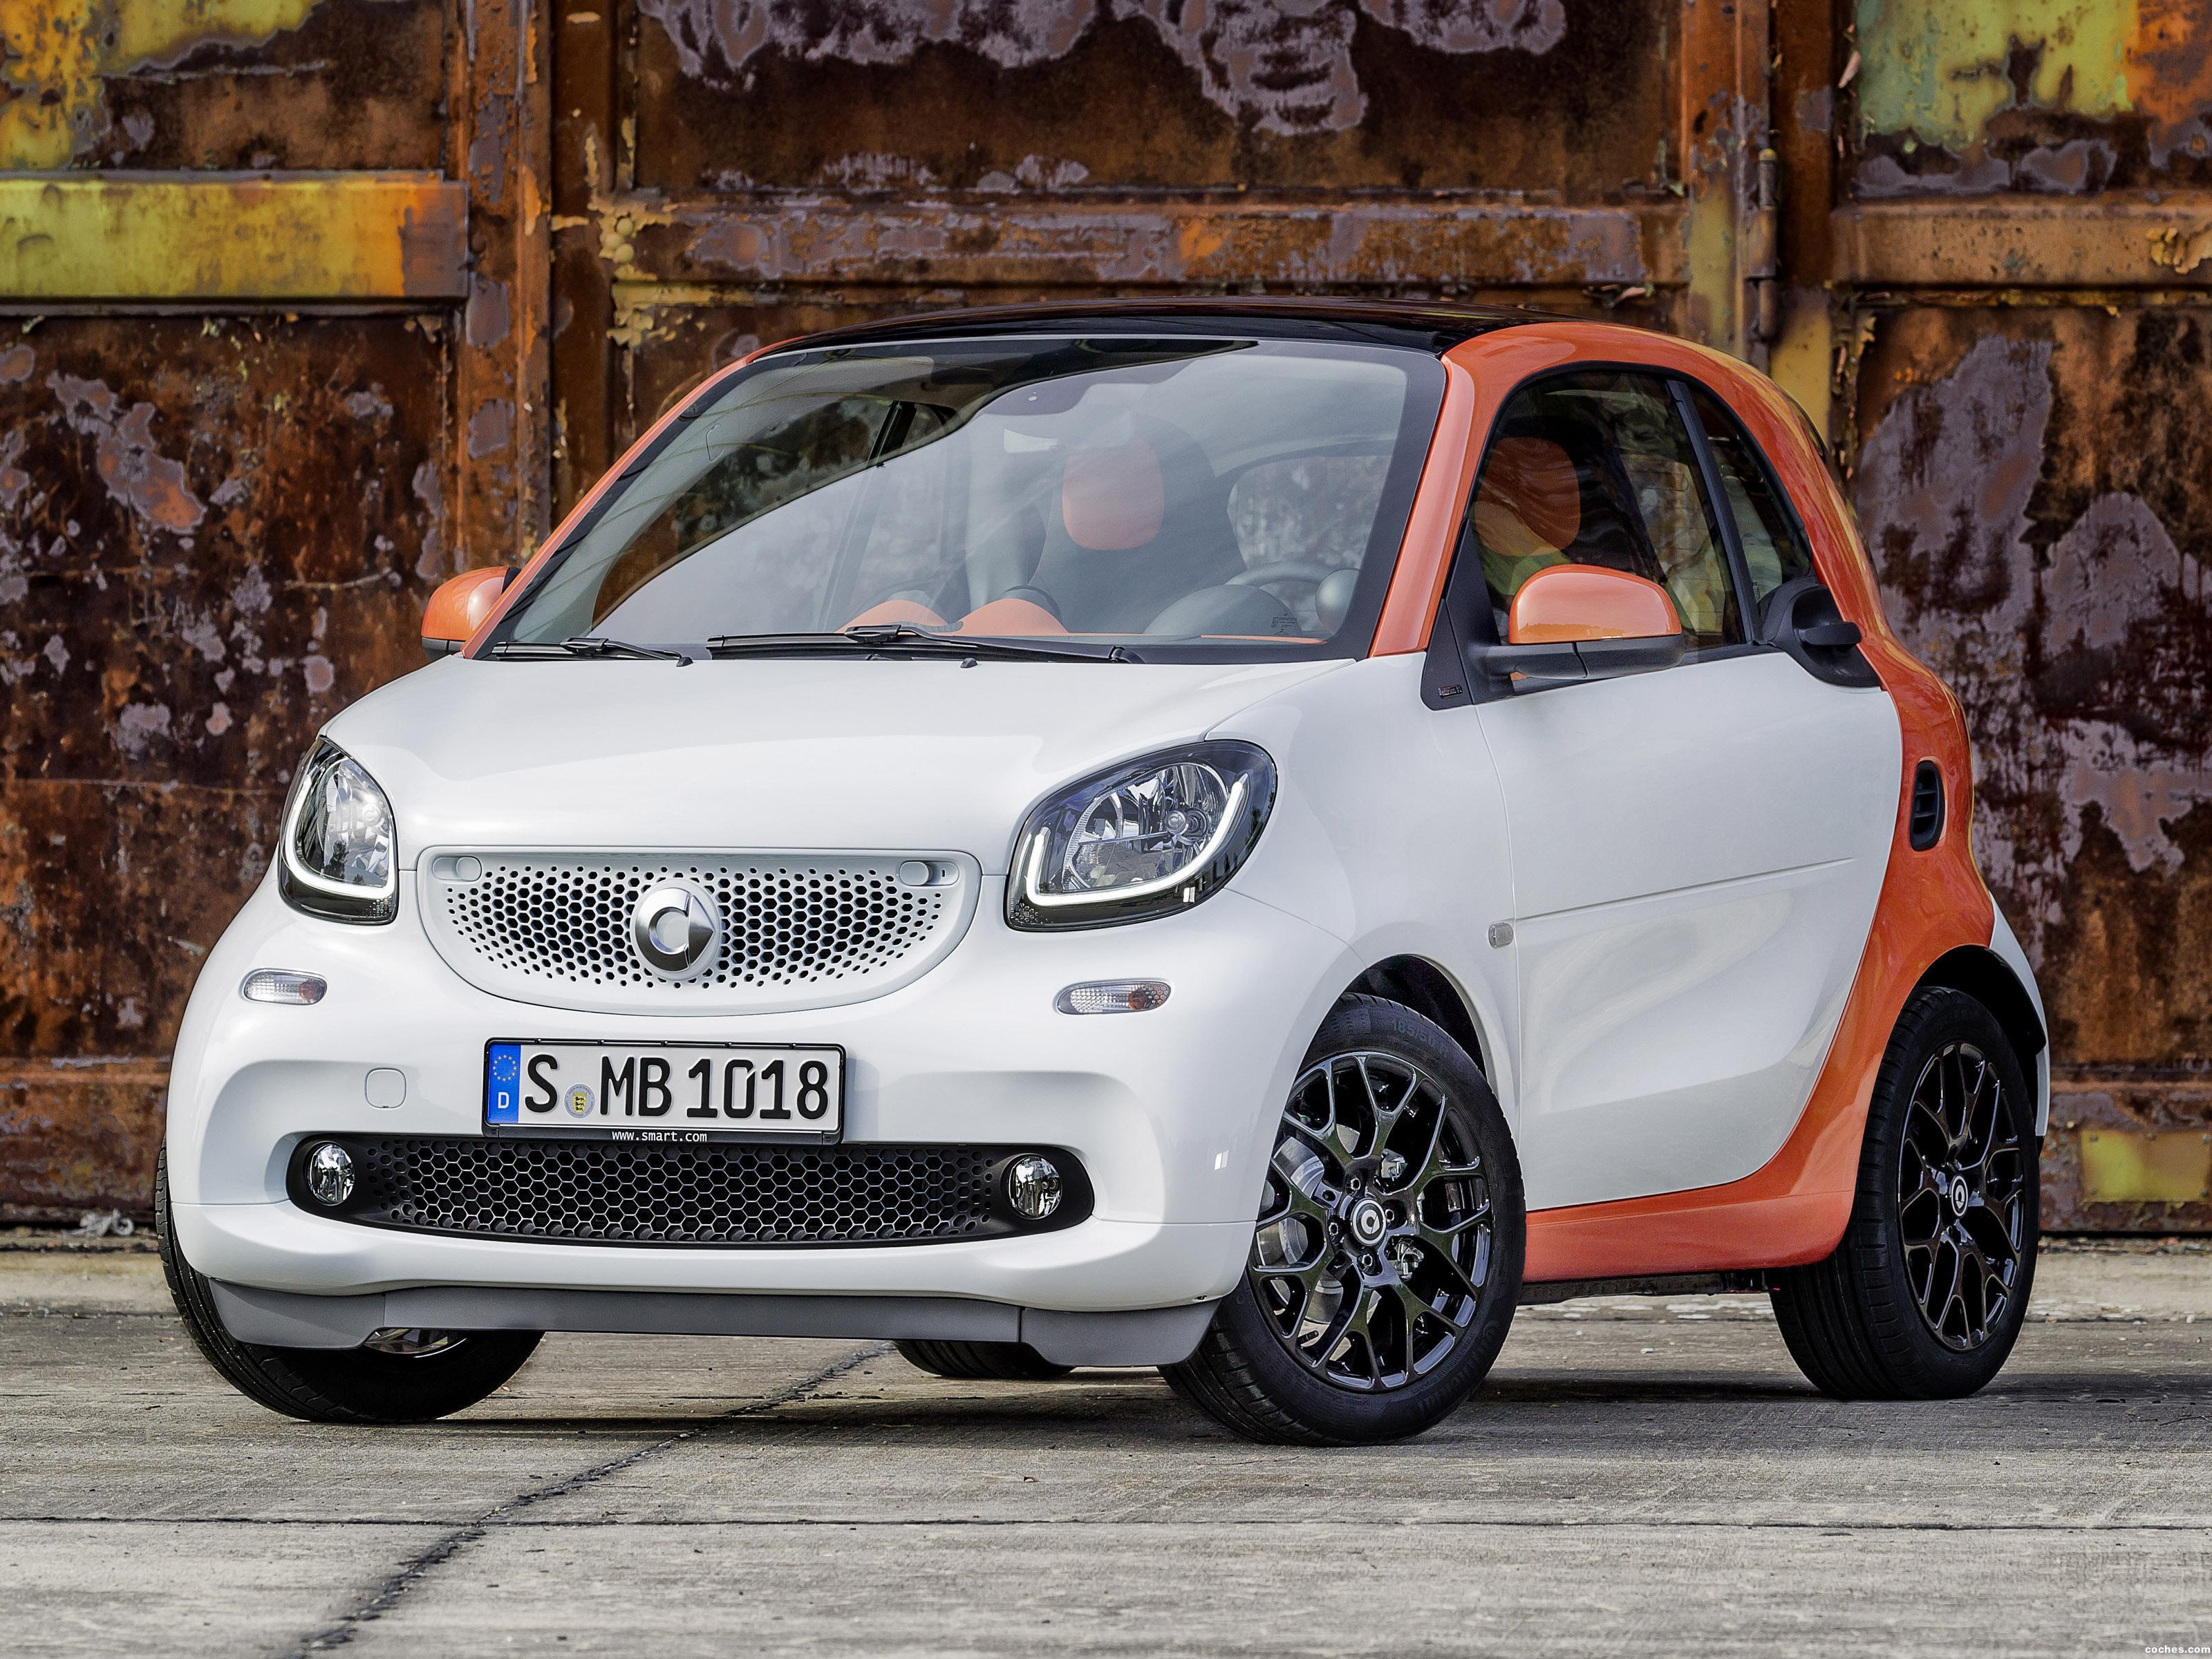 Foto 0 de Smart ForTwo Edition 1 Coupe C453 2014